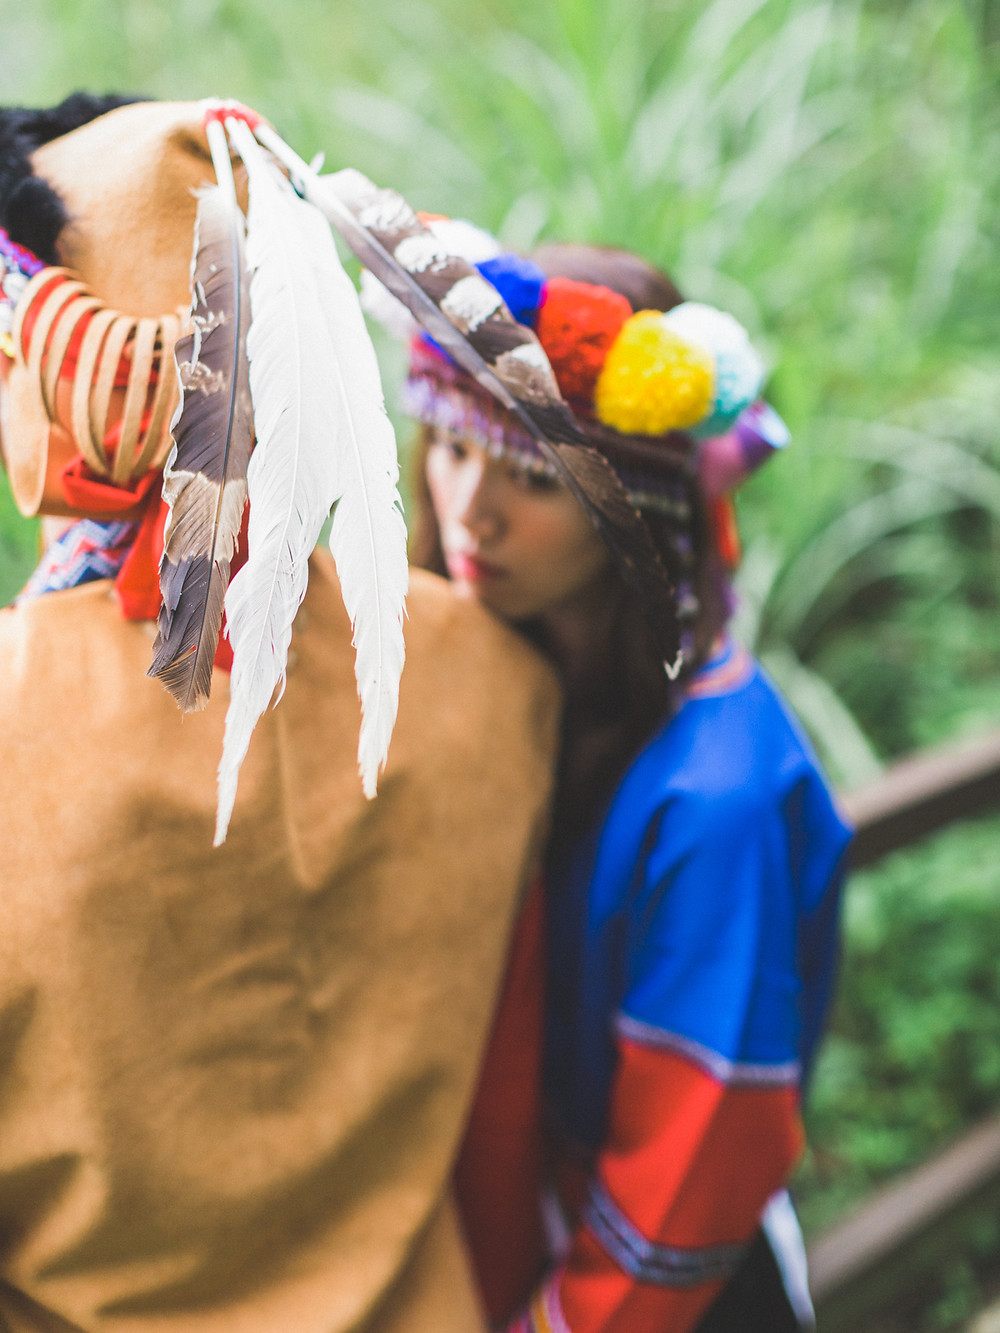 Kimberly & Avai Wedding | Alishan Chiayi ,Taiwan 嘉義阿里山 達那依谷 美式婚禮